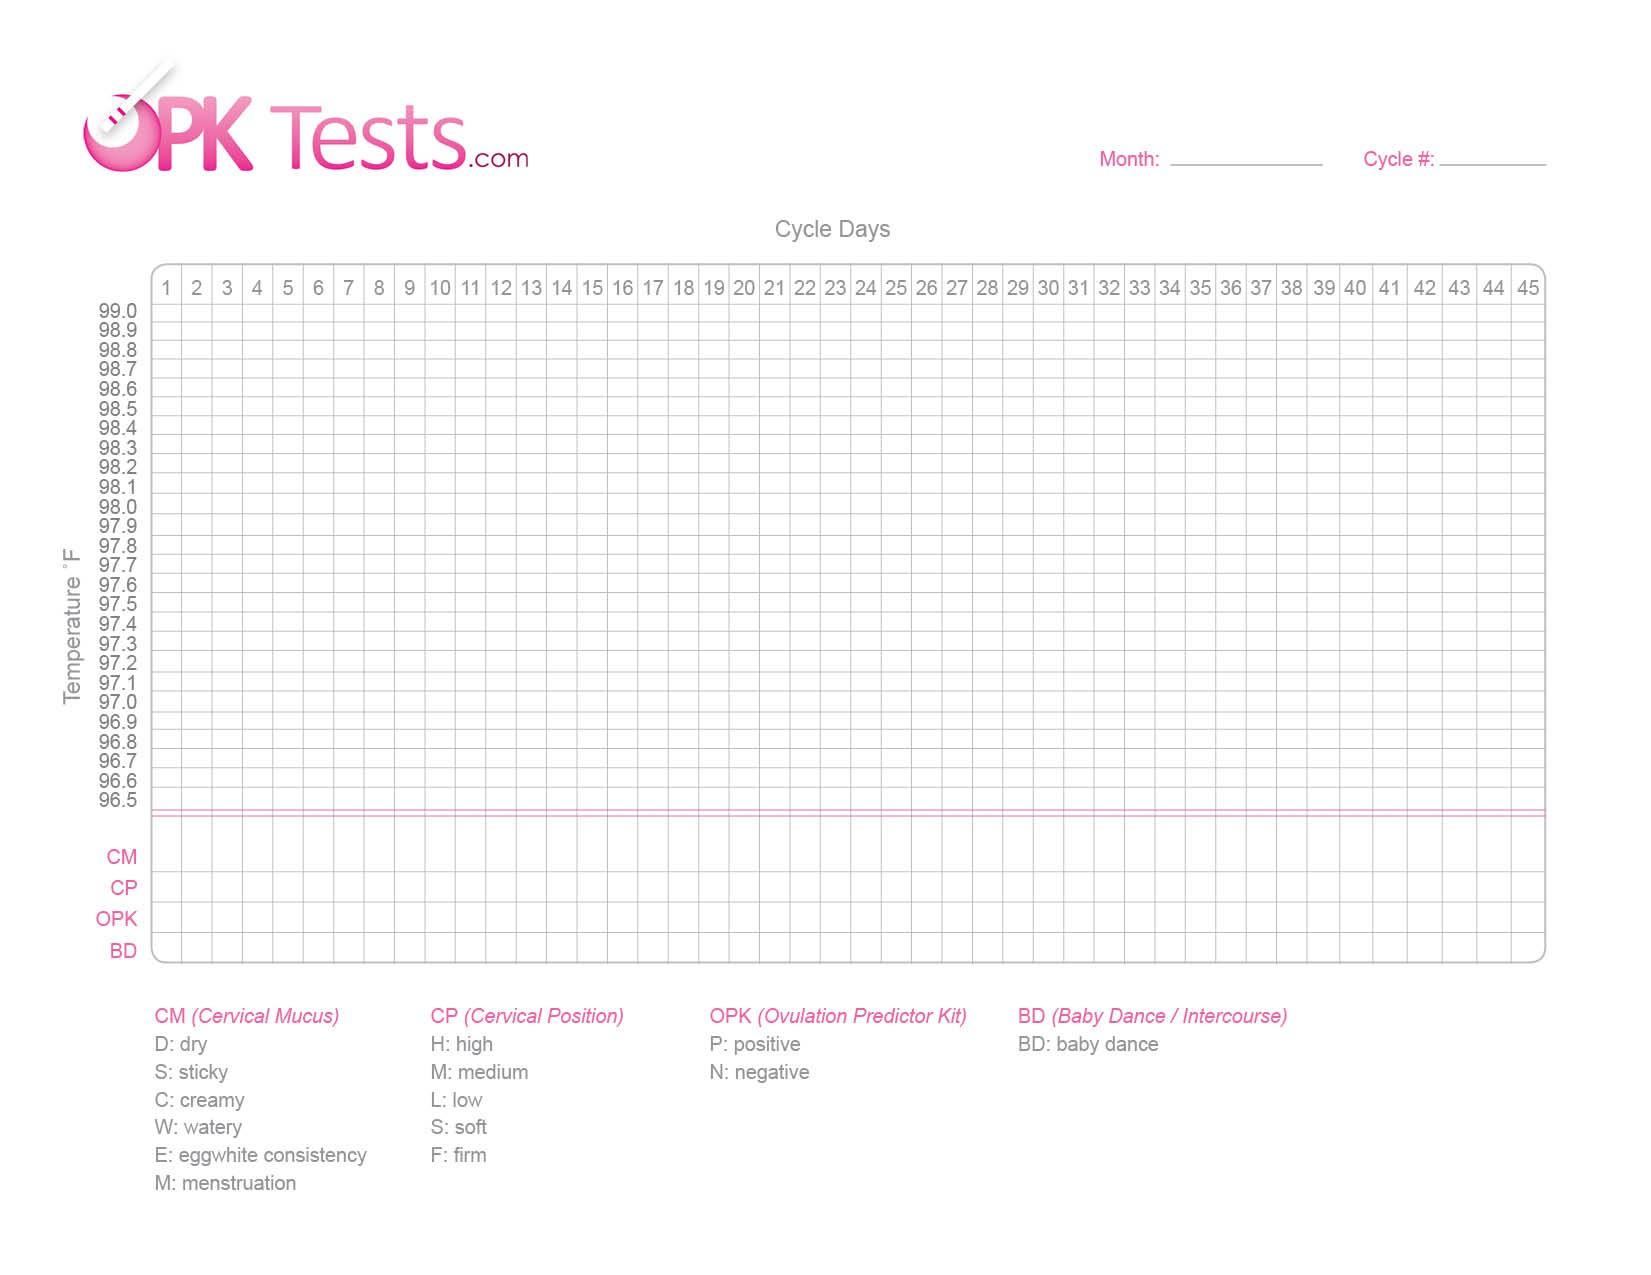 Fertility Calendar Printable Free Fertilty Chart Opk Tests Buy - Free Printable Fertility Chart